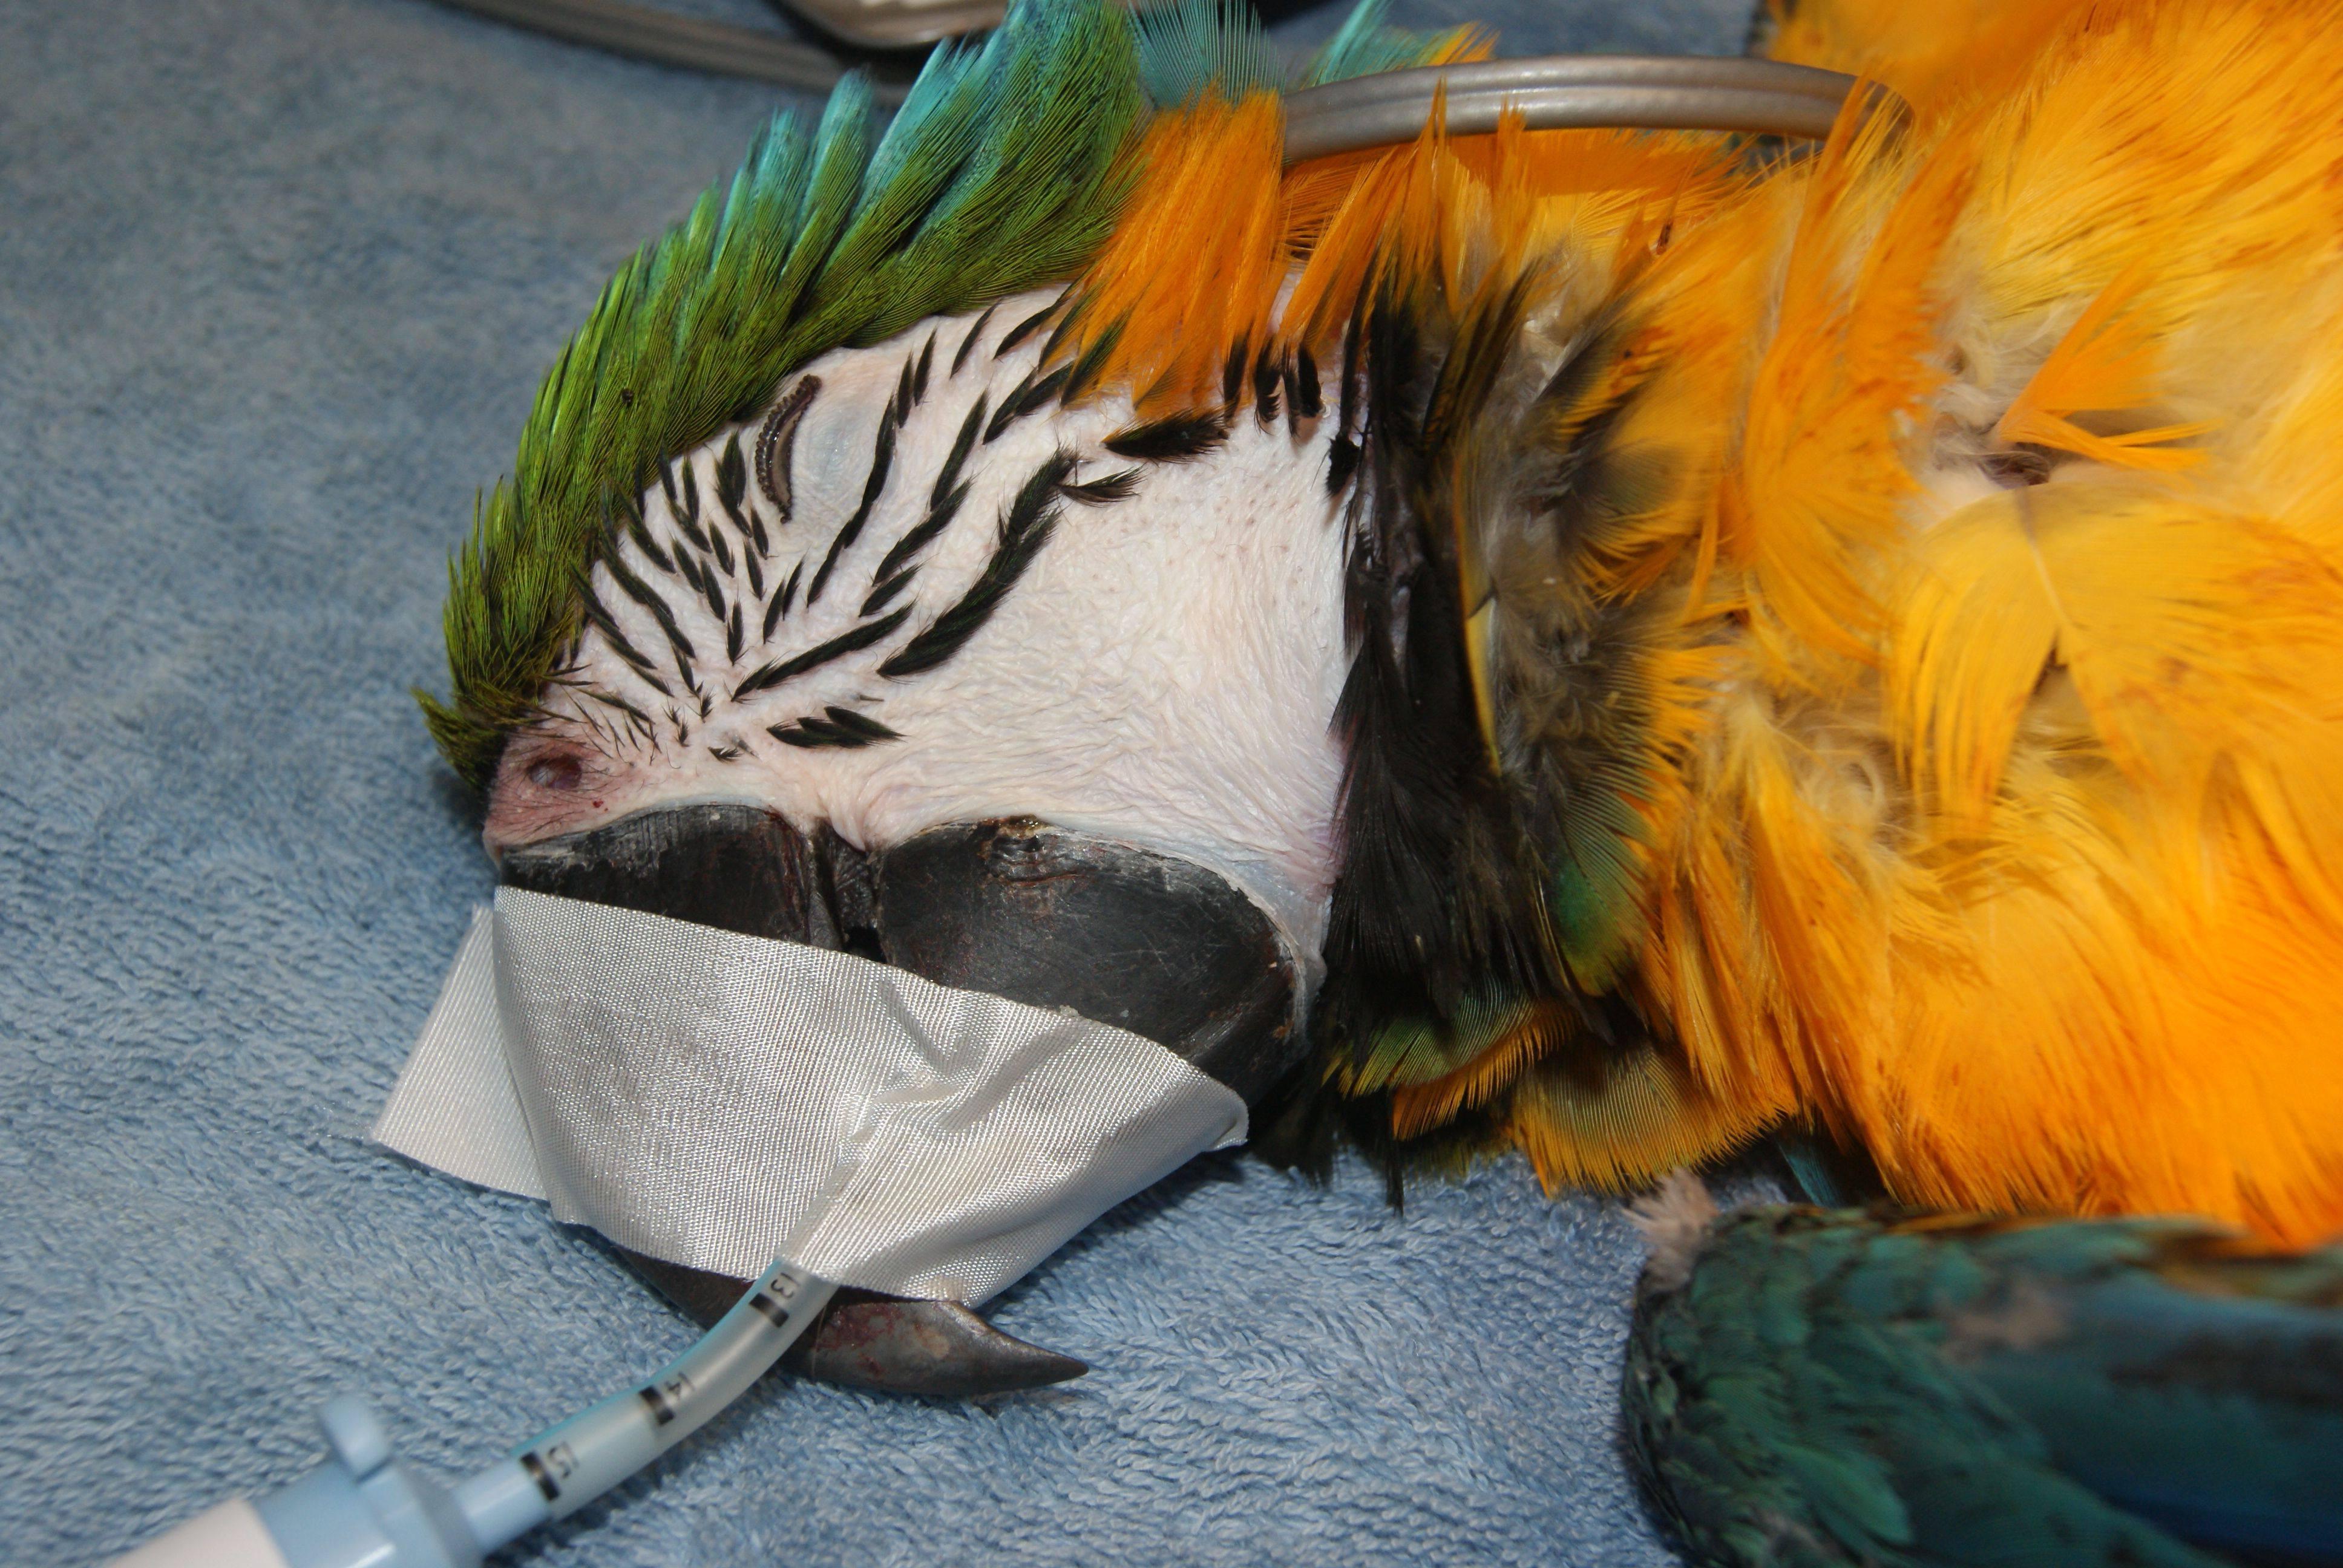 مراقبت خانگی کوتاه مدت از پرندگان بیمار یا مجروح